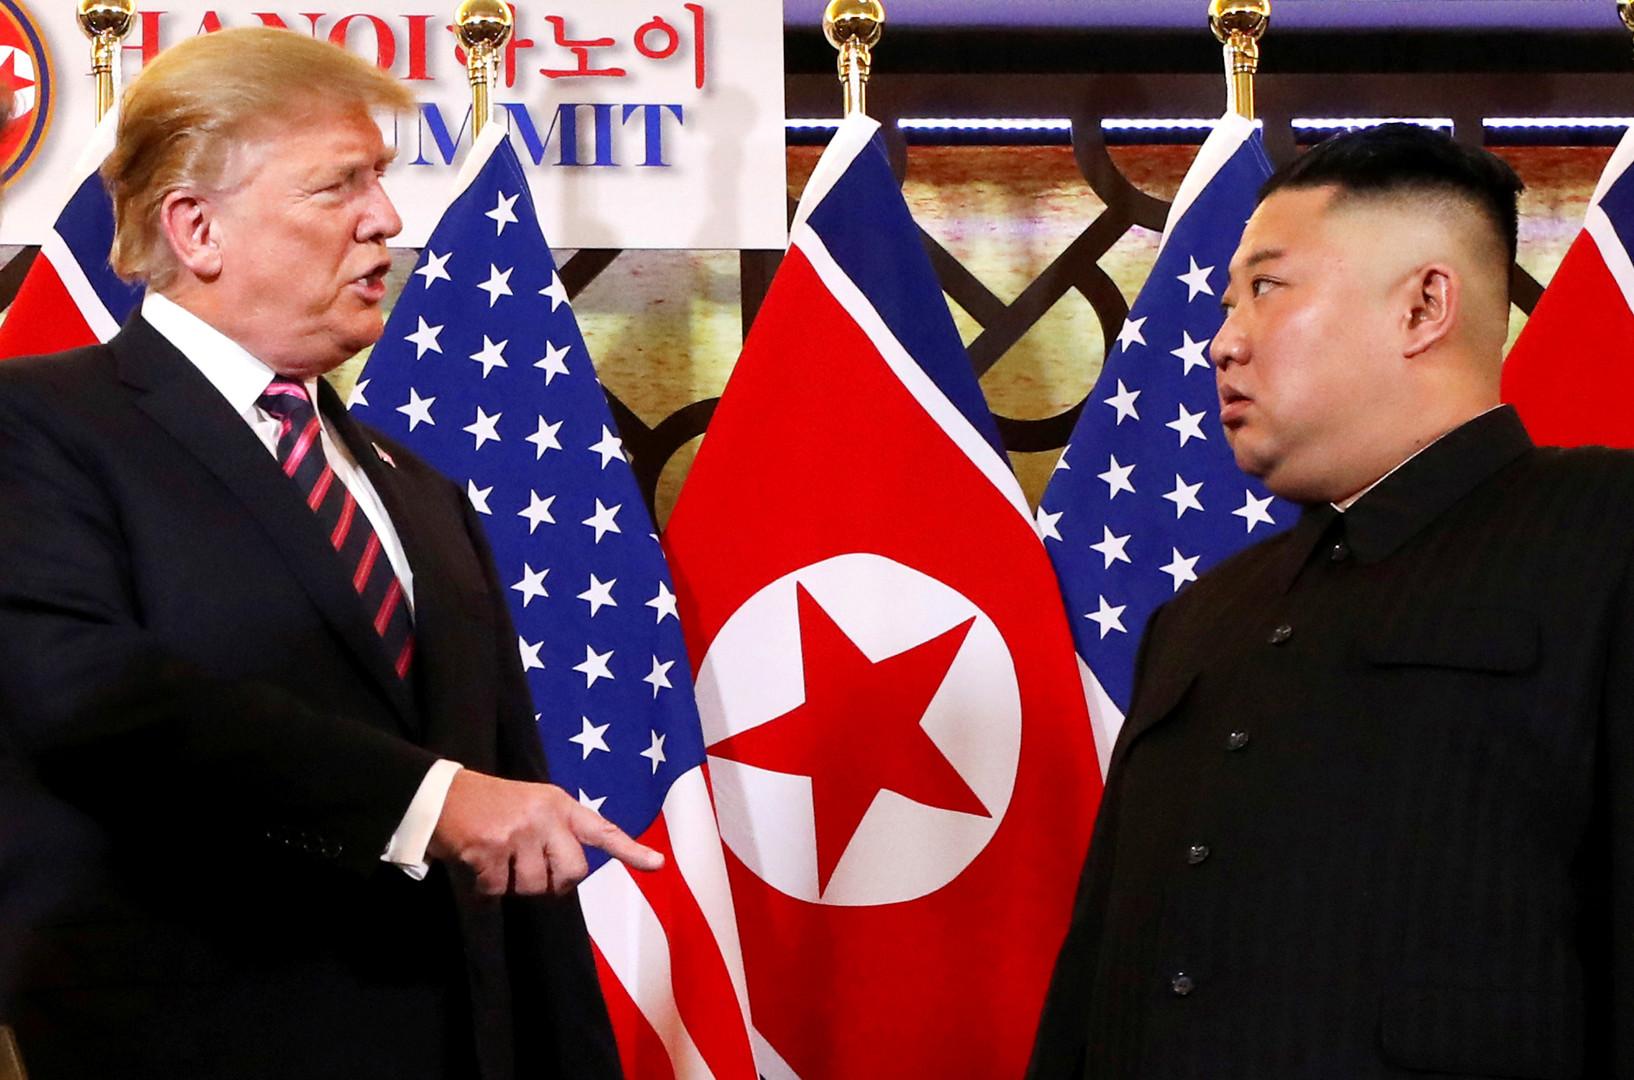 زعيم كوريا الشمالية، كيم جونغ أون، والرئيس الأمريكي، دونالد ترامب، خلال قمتهما في هانوي يوم 27 فبراير 2019